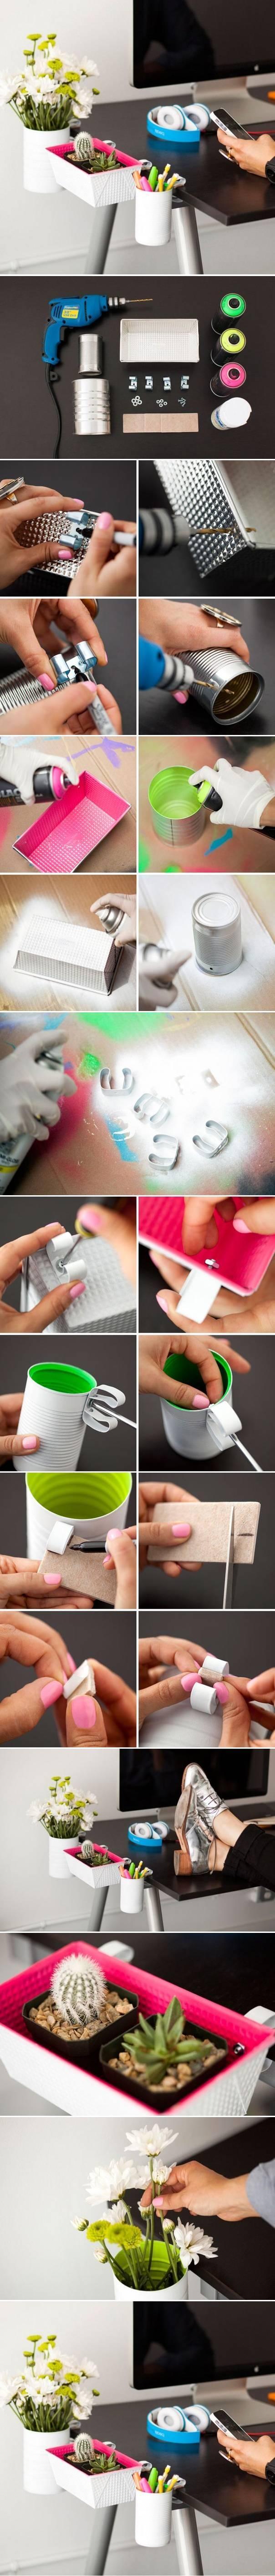 genialny pomysł na organizację biurka :)